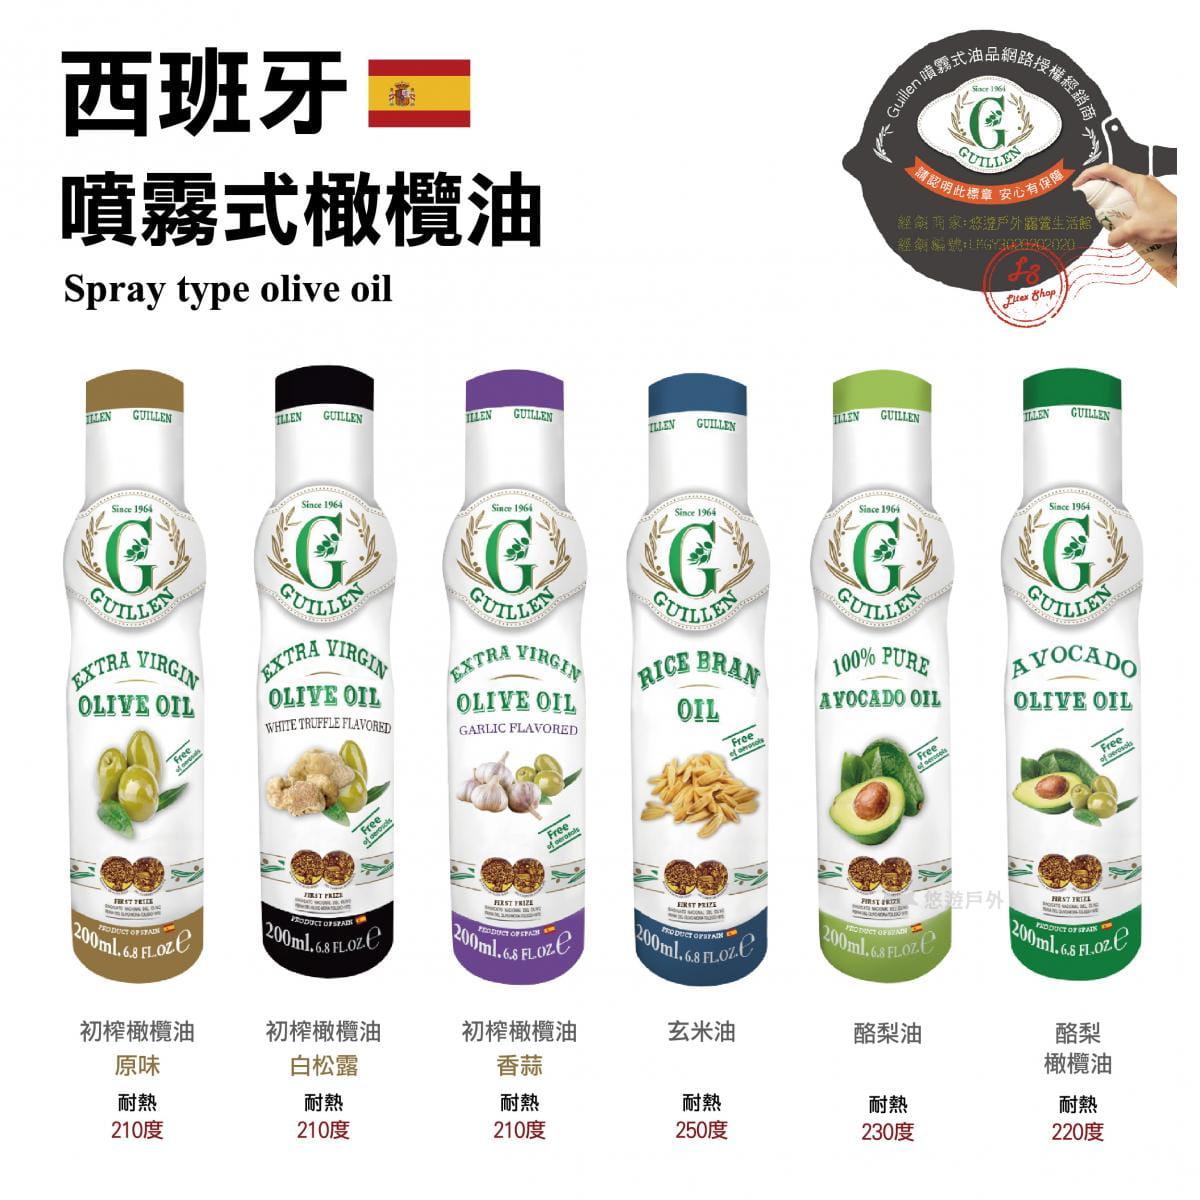 【悠遊戶外】Guillen噴霧式橄欖油  特級初榨橄欖油 現貨速發